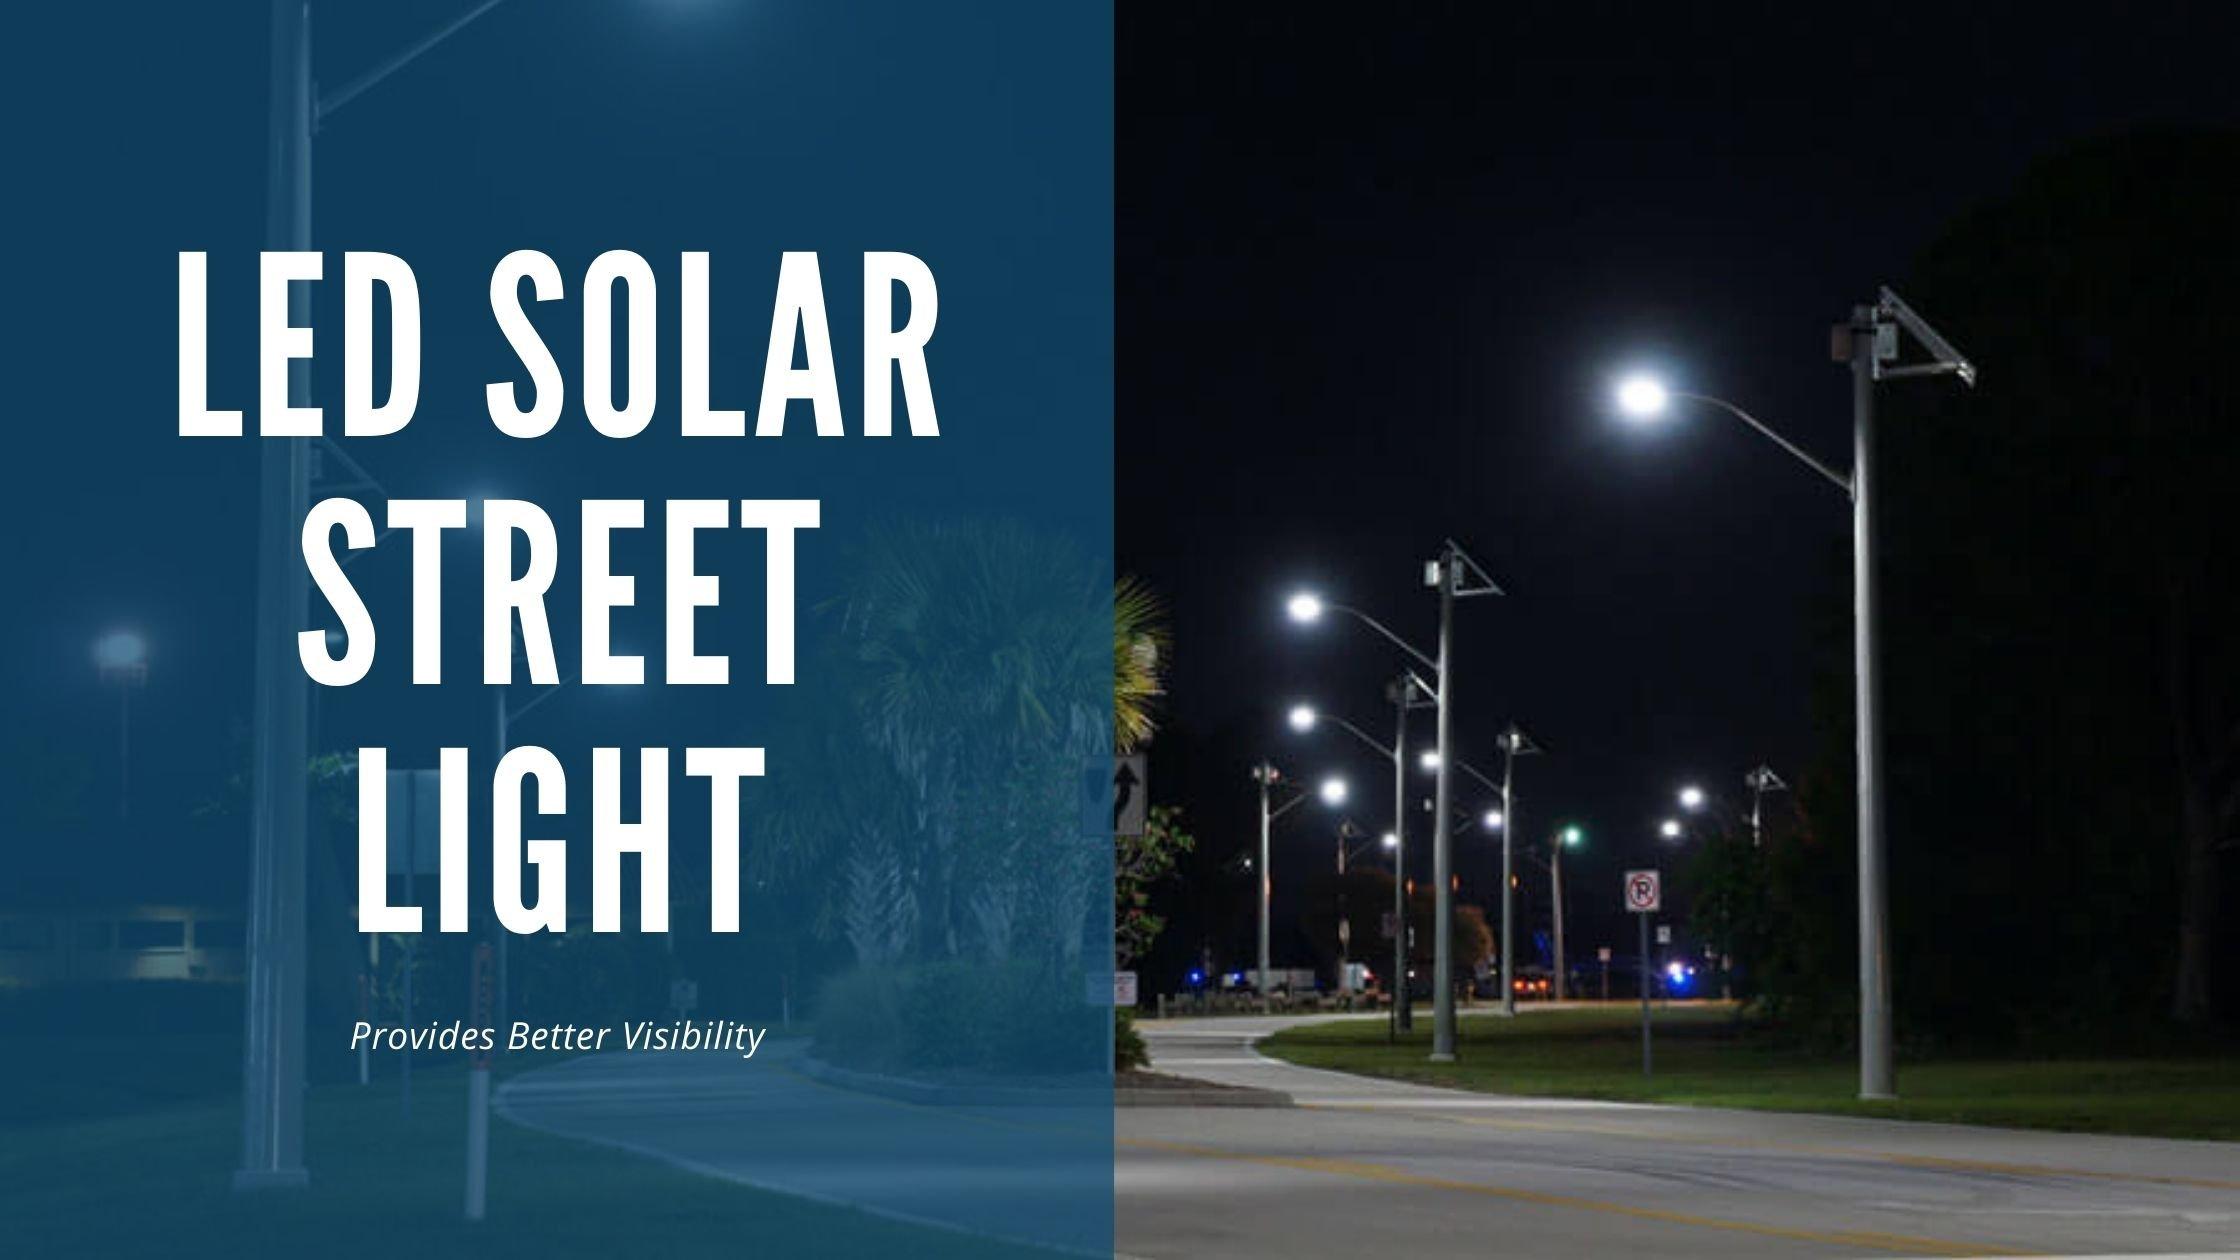 An LED Solar Street Light Provides Better Visibility